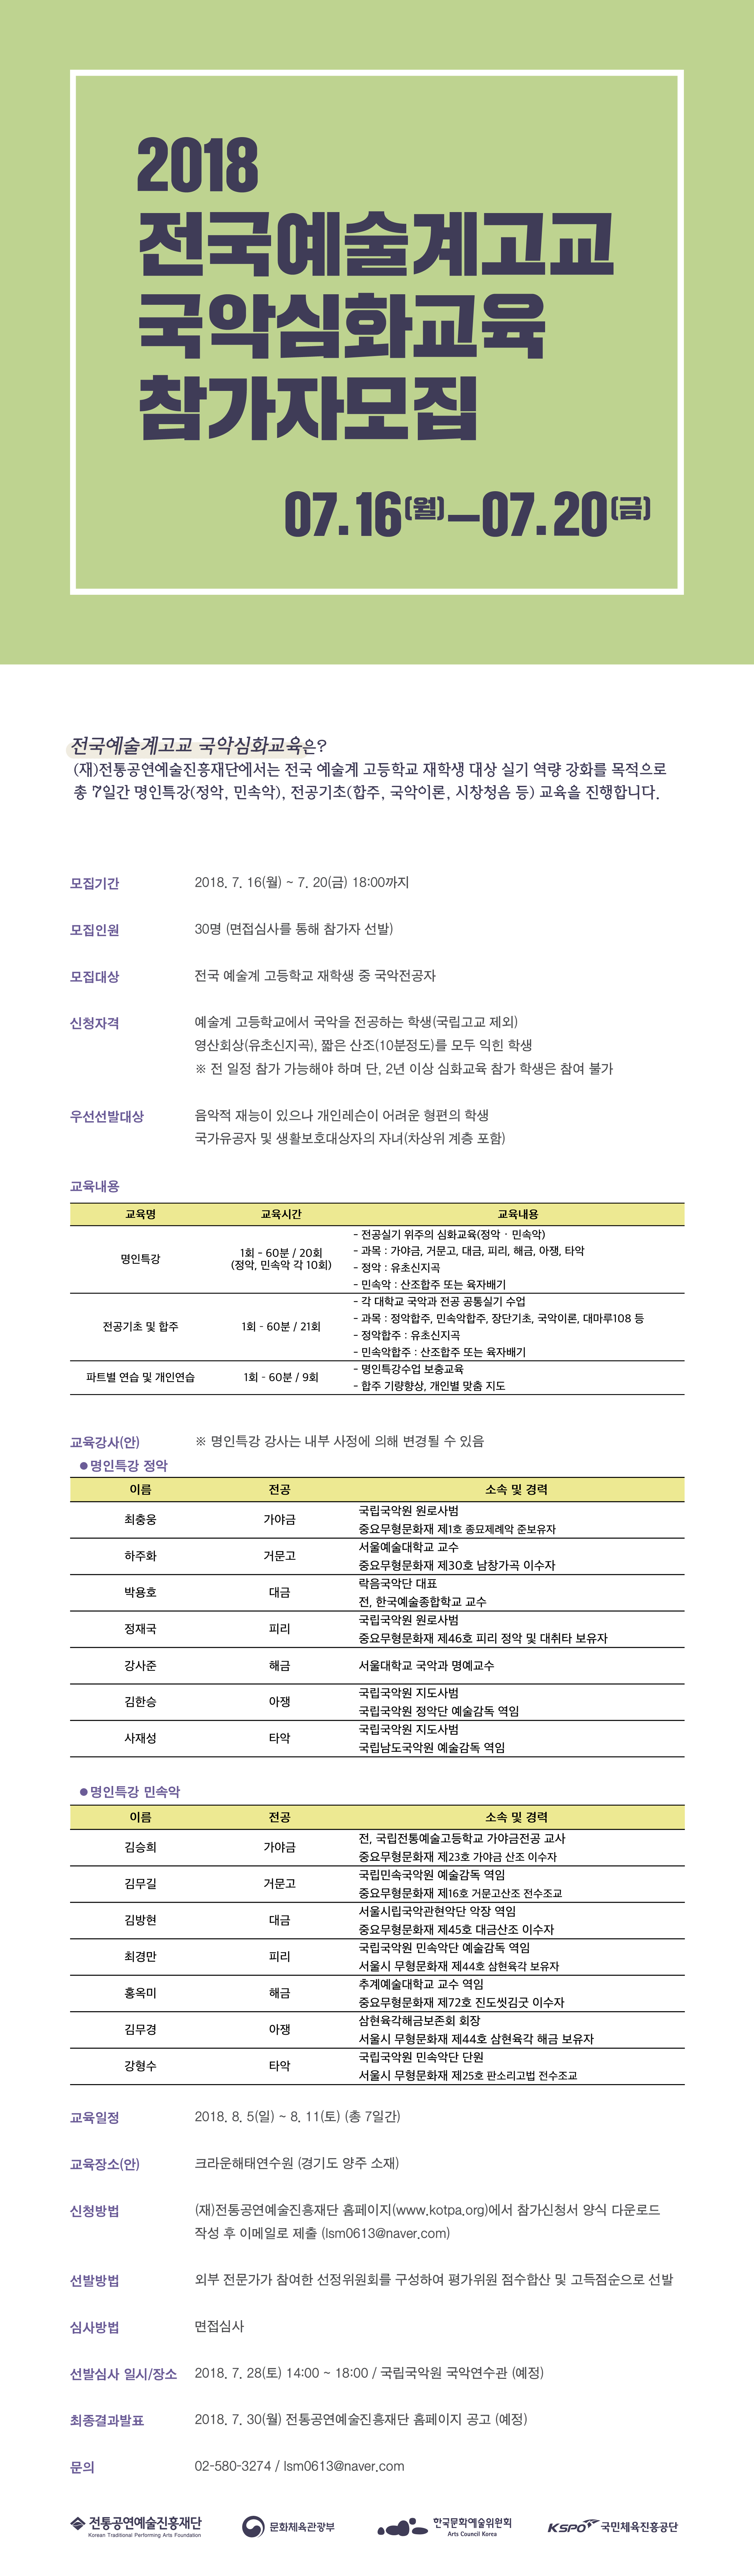 2018 전국예술계고교 국악심화교육 참가자모집.jpg